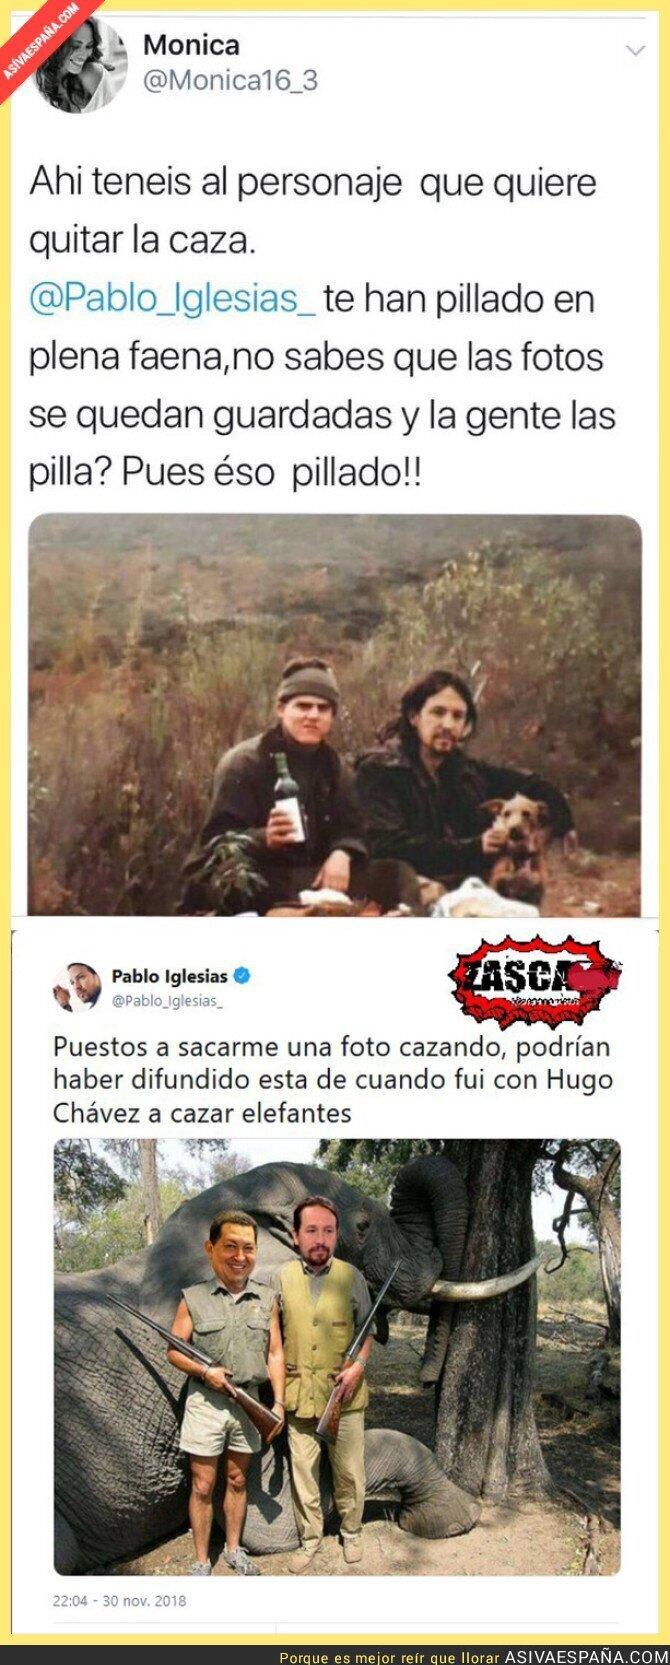 99568 - La gran respuesta de Pablo Iglesias al bulo de la foto en la que sale